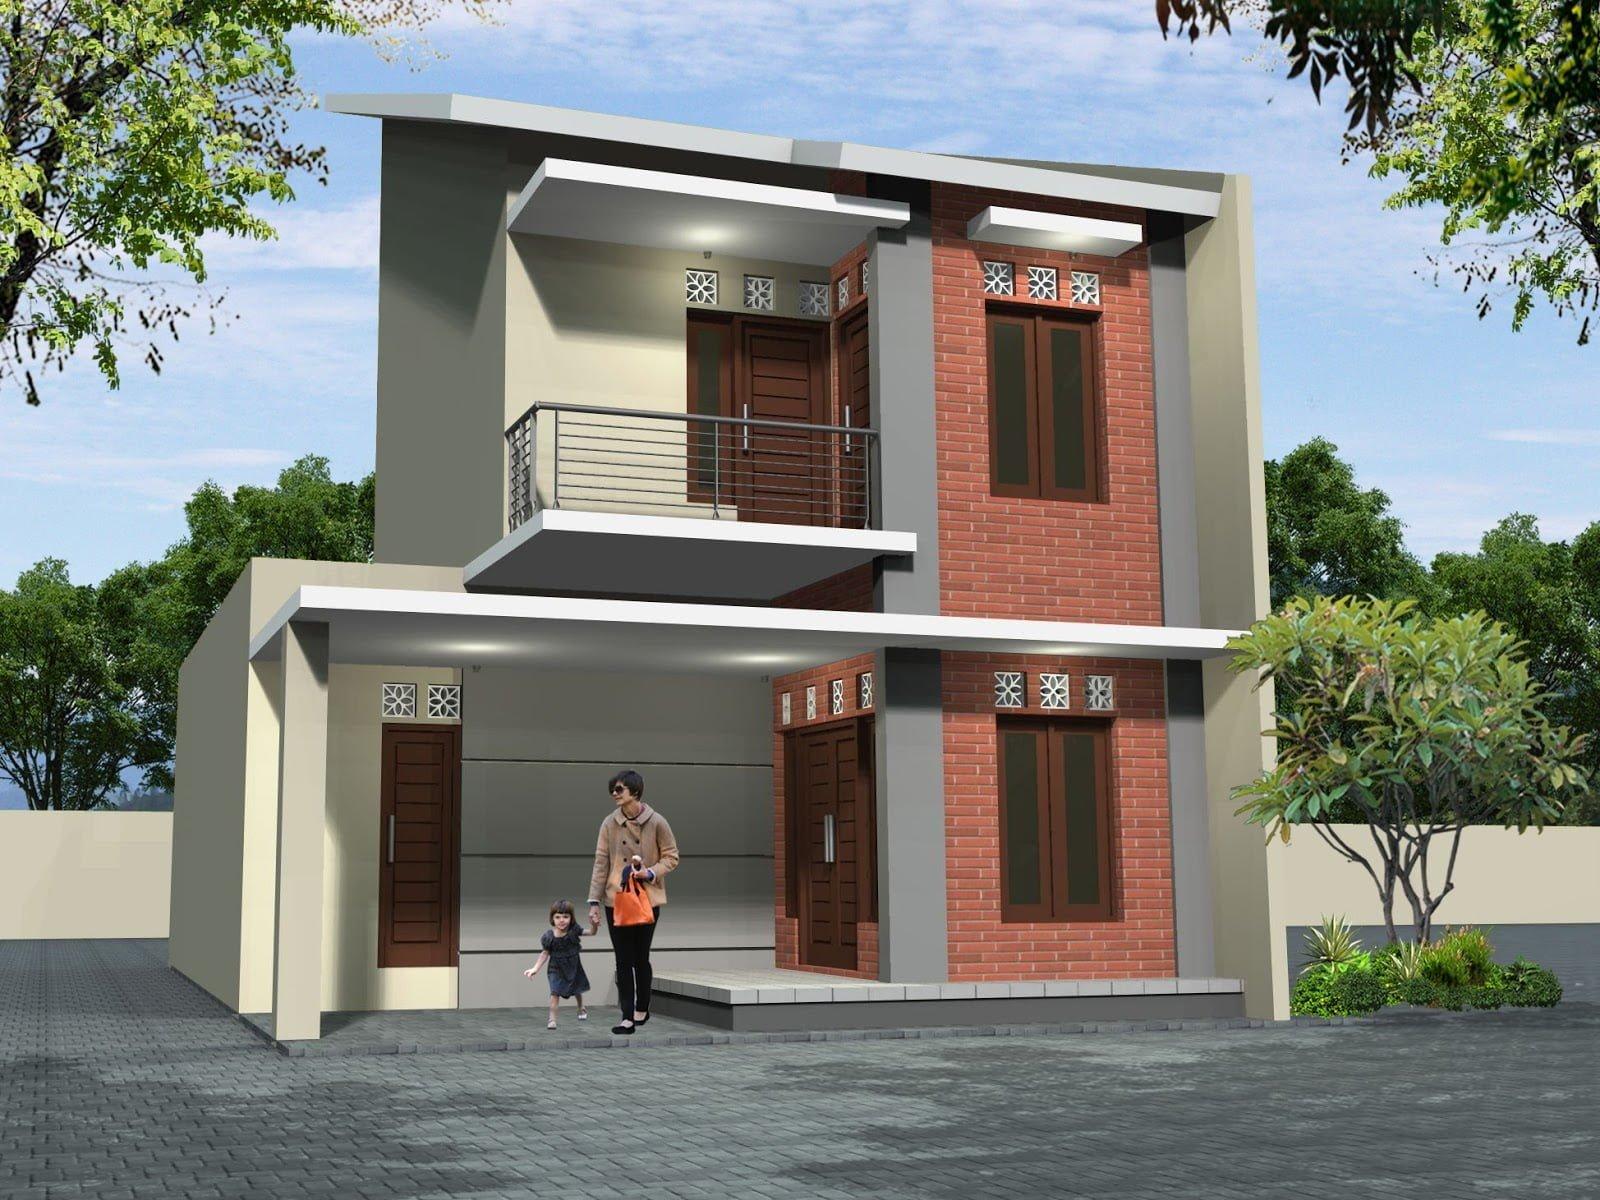 79 Macam Desain Rumah Minimalis Sederhana 2 Lantai Type 36 ...